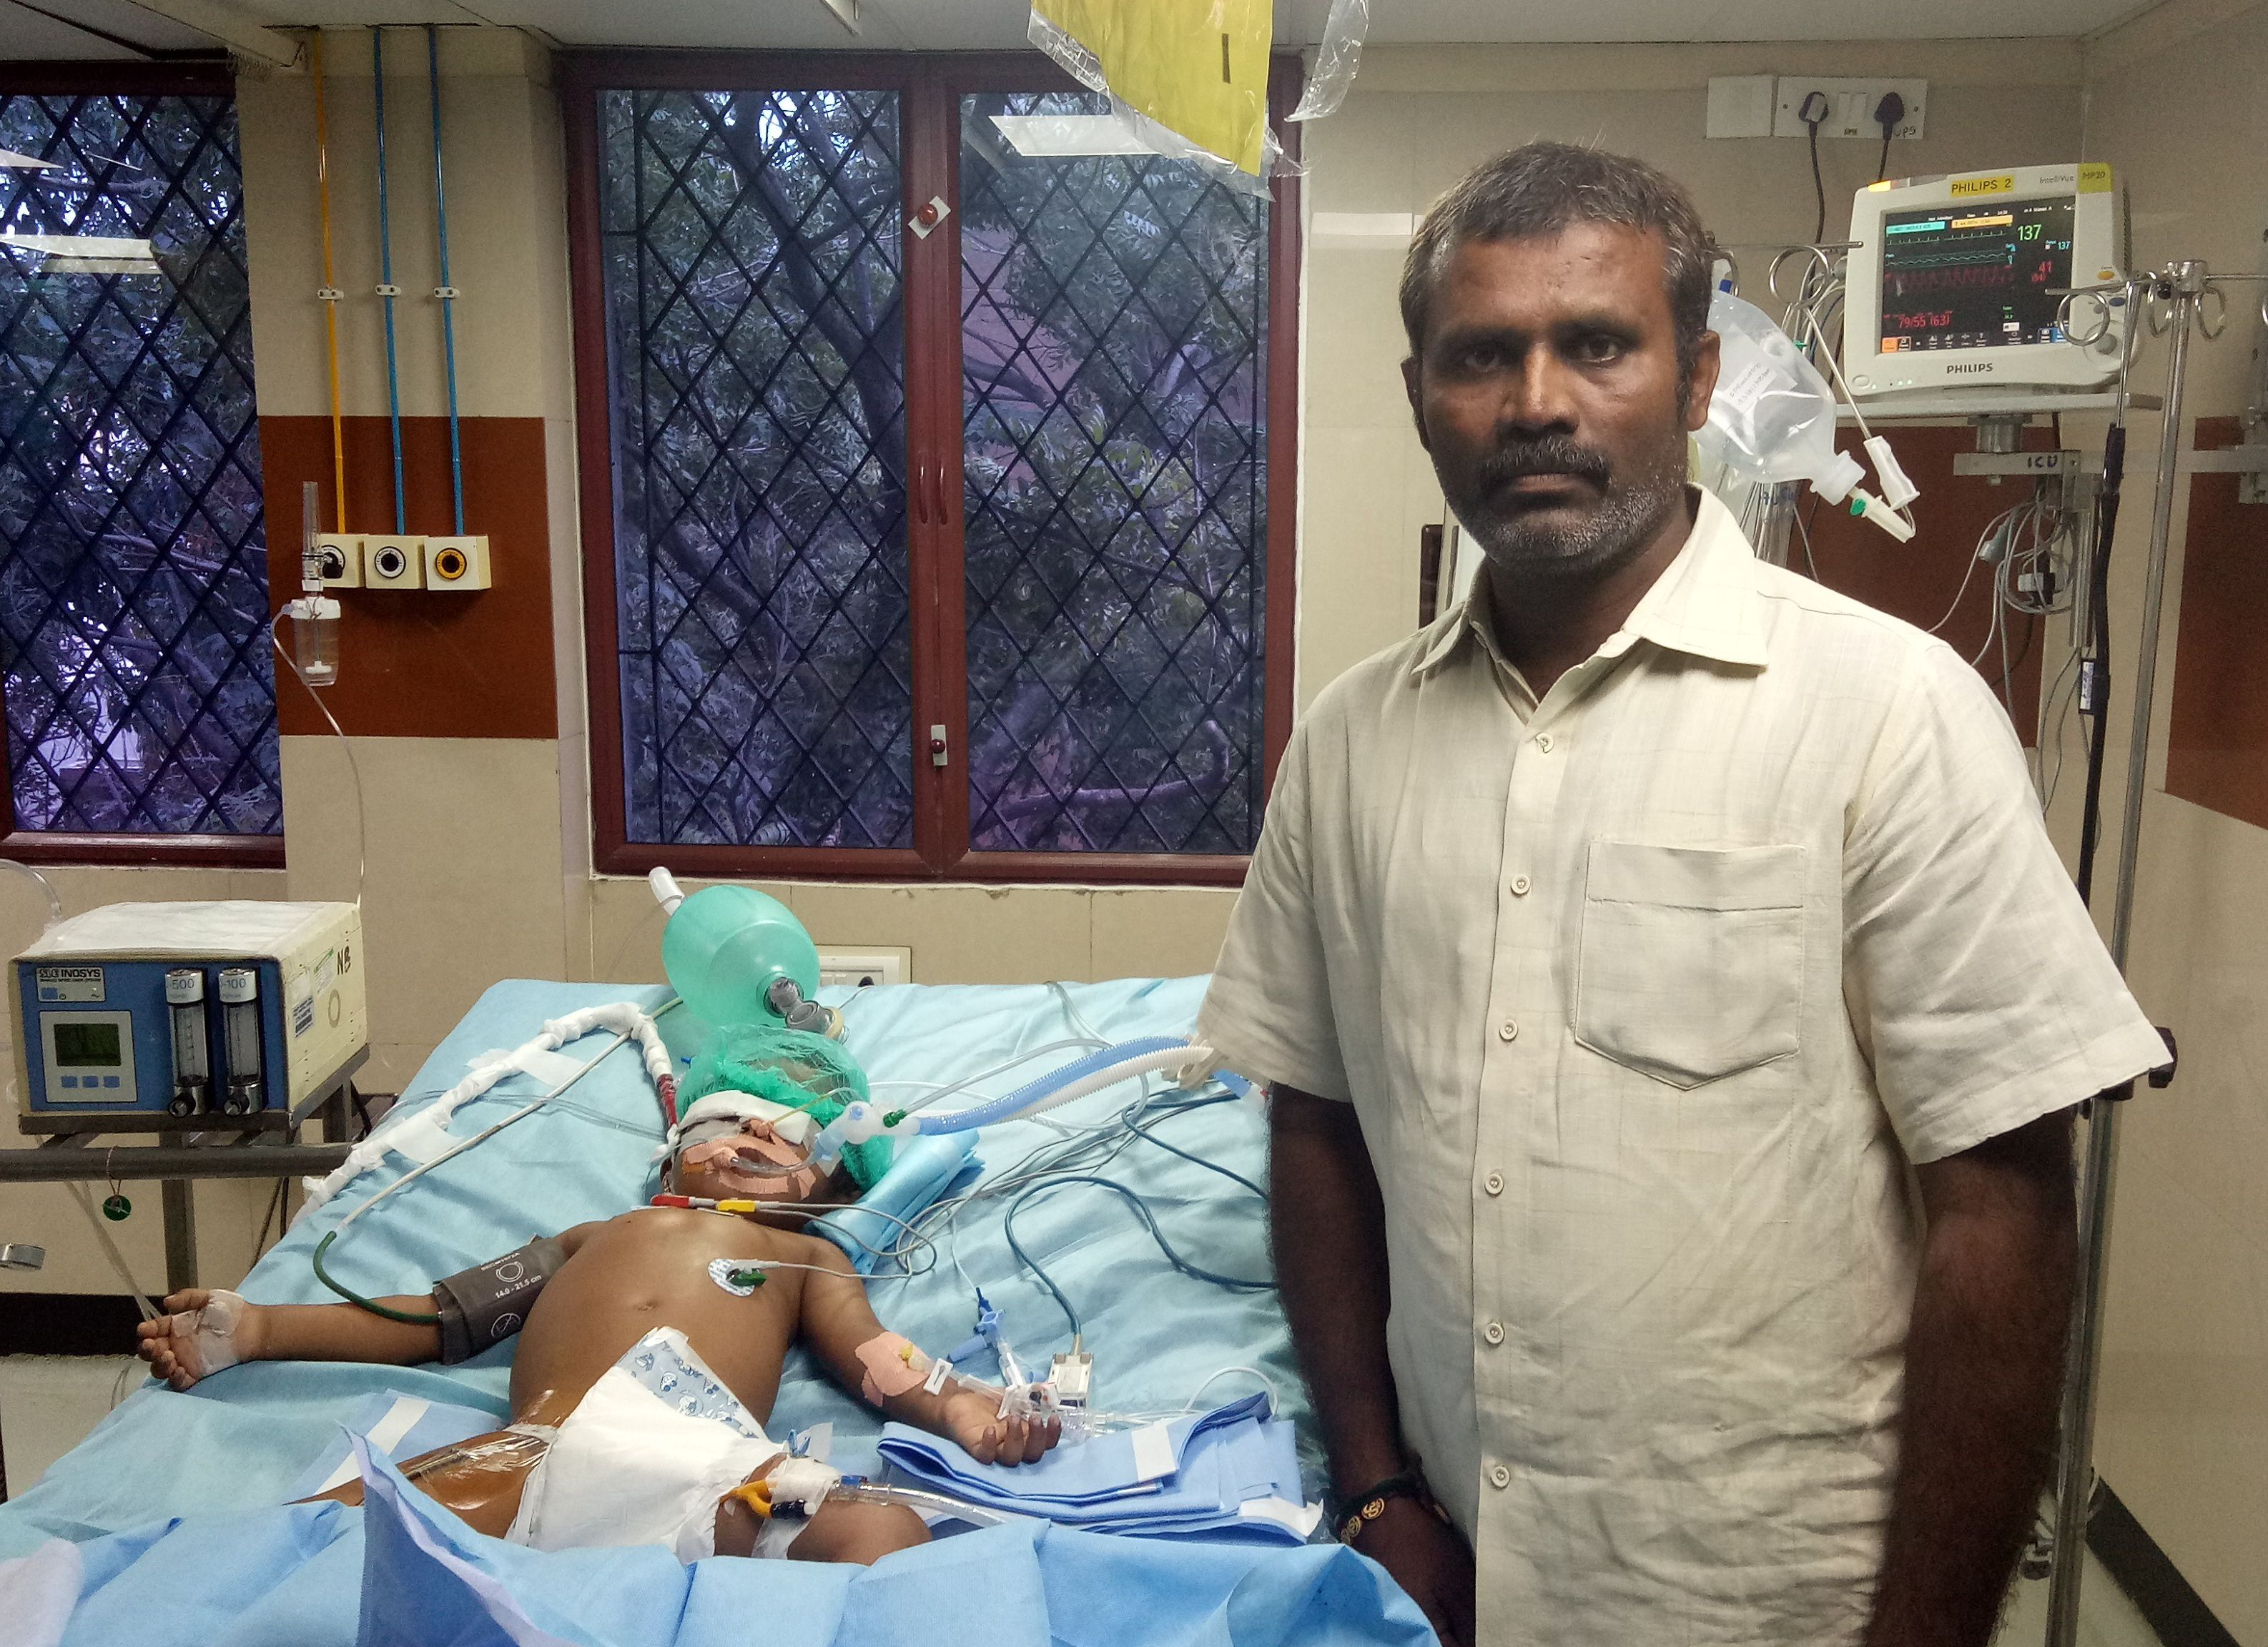 India, vernice nella bottiglia: bimbo beve e rischia morte